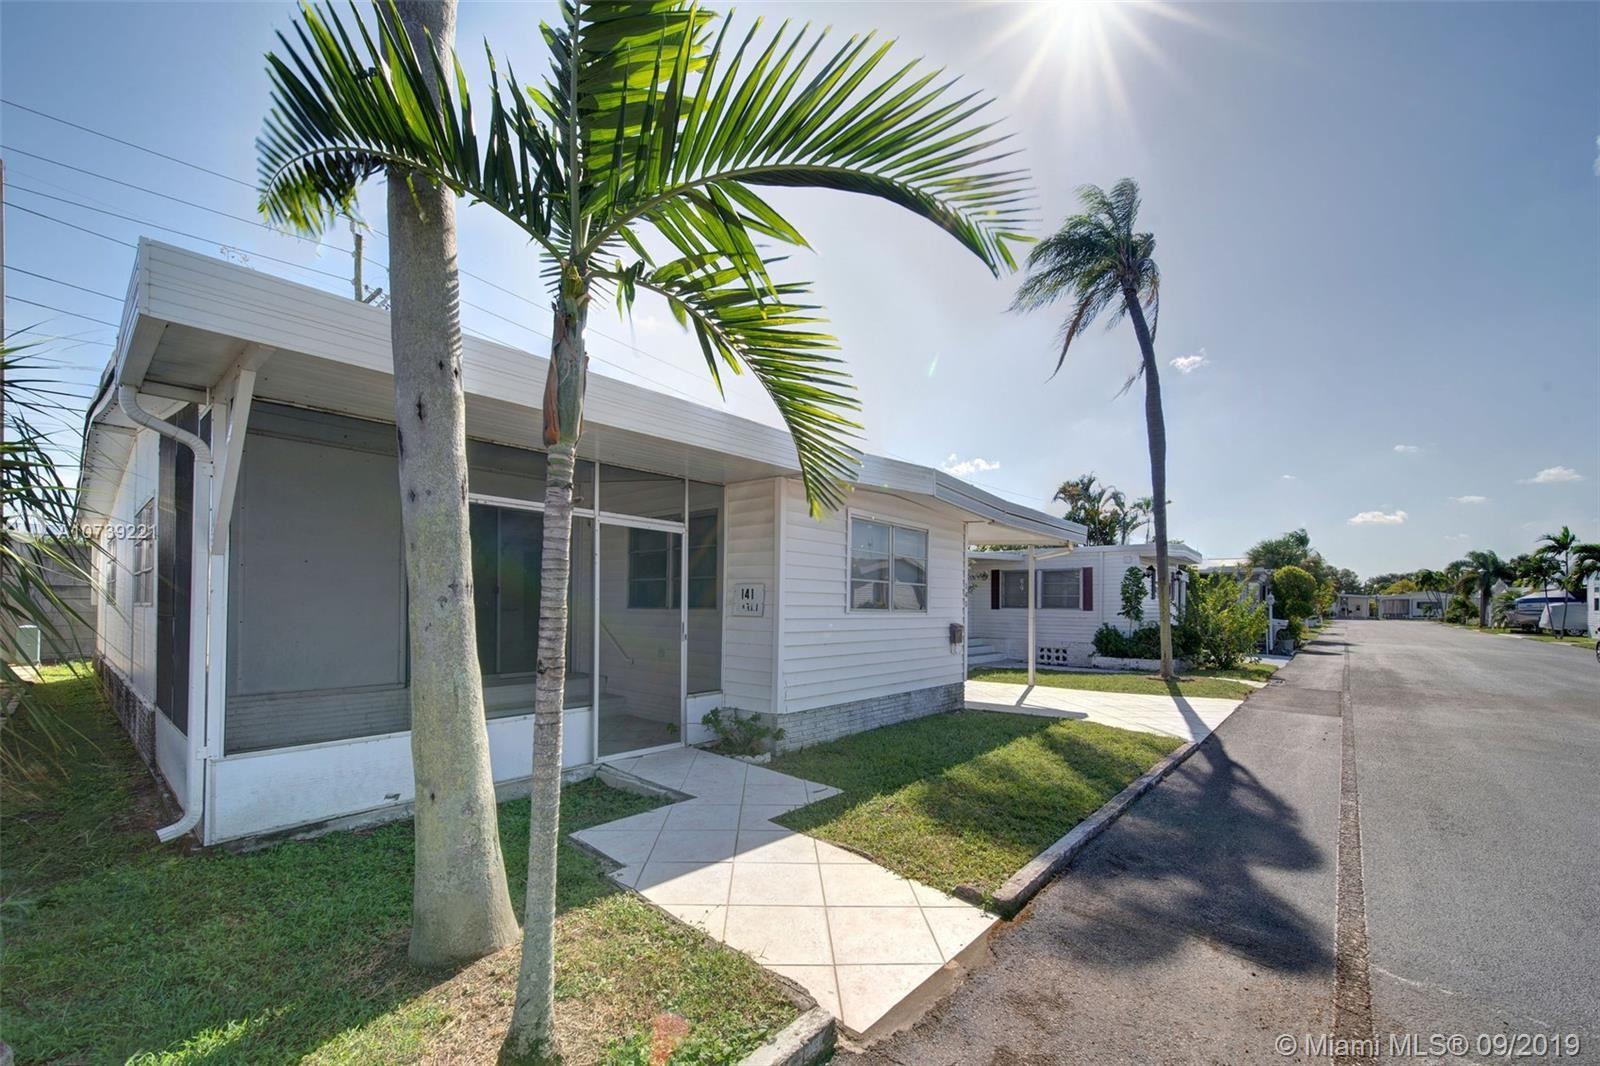 141 W Lake Shore Dr, Pembroke Park, FL 33009 - #: A10739221